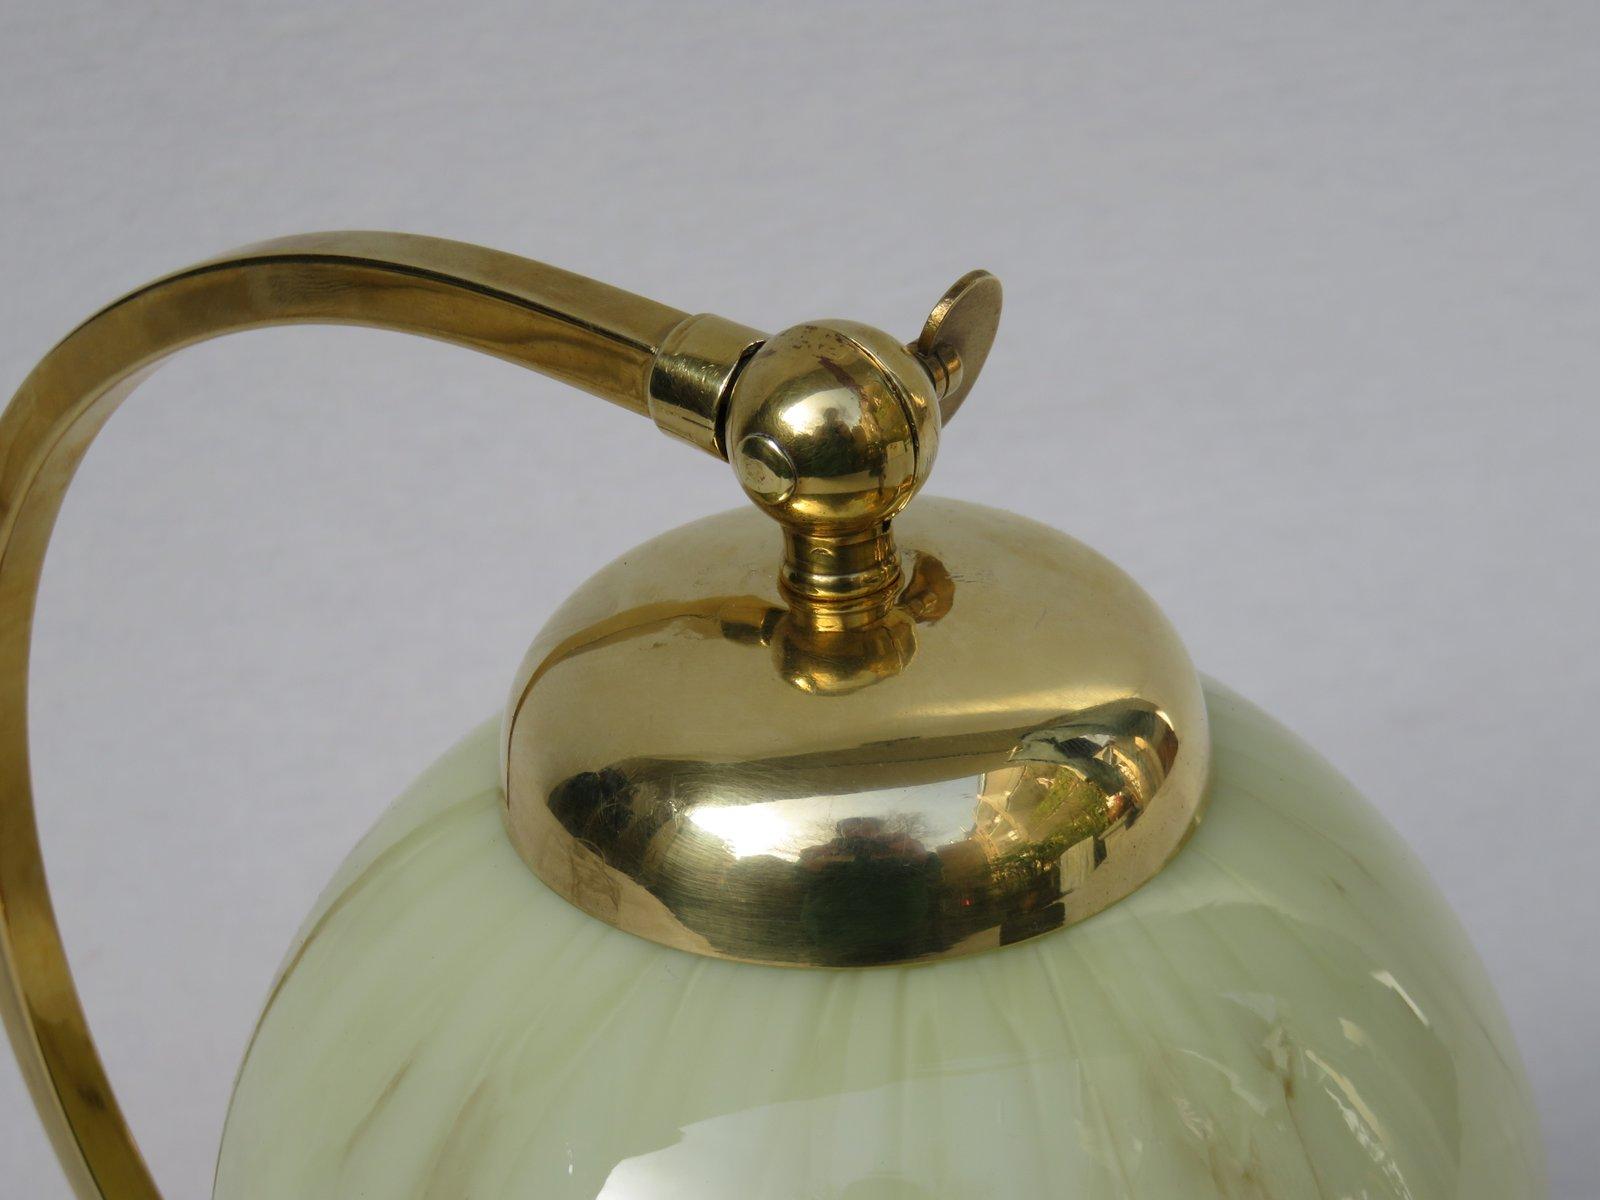 lampe de chevet art d co en laiton verre flamb en vente sur pamono. Black Bedroom Furniture Sets. Home Design Ideas